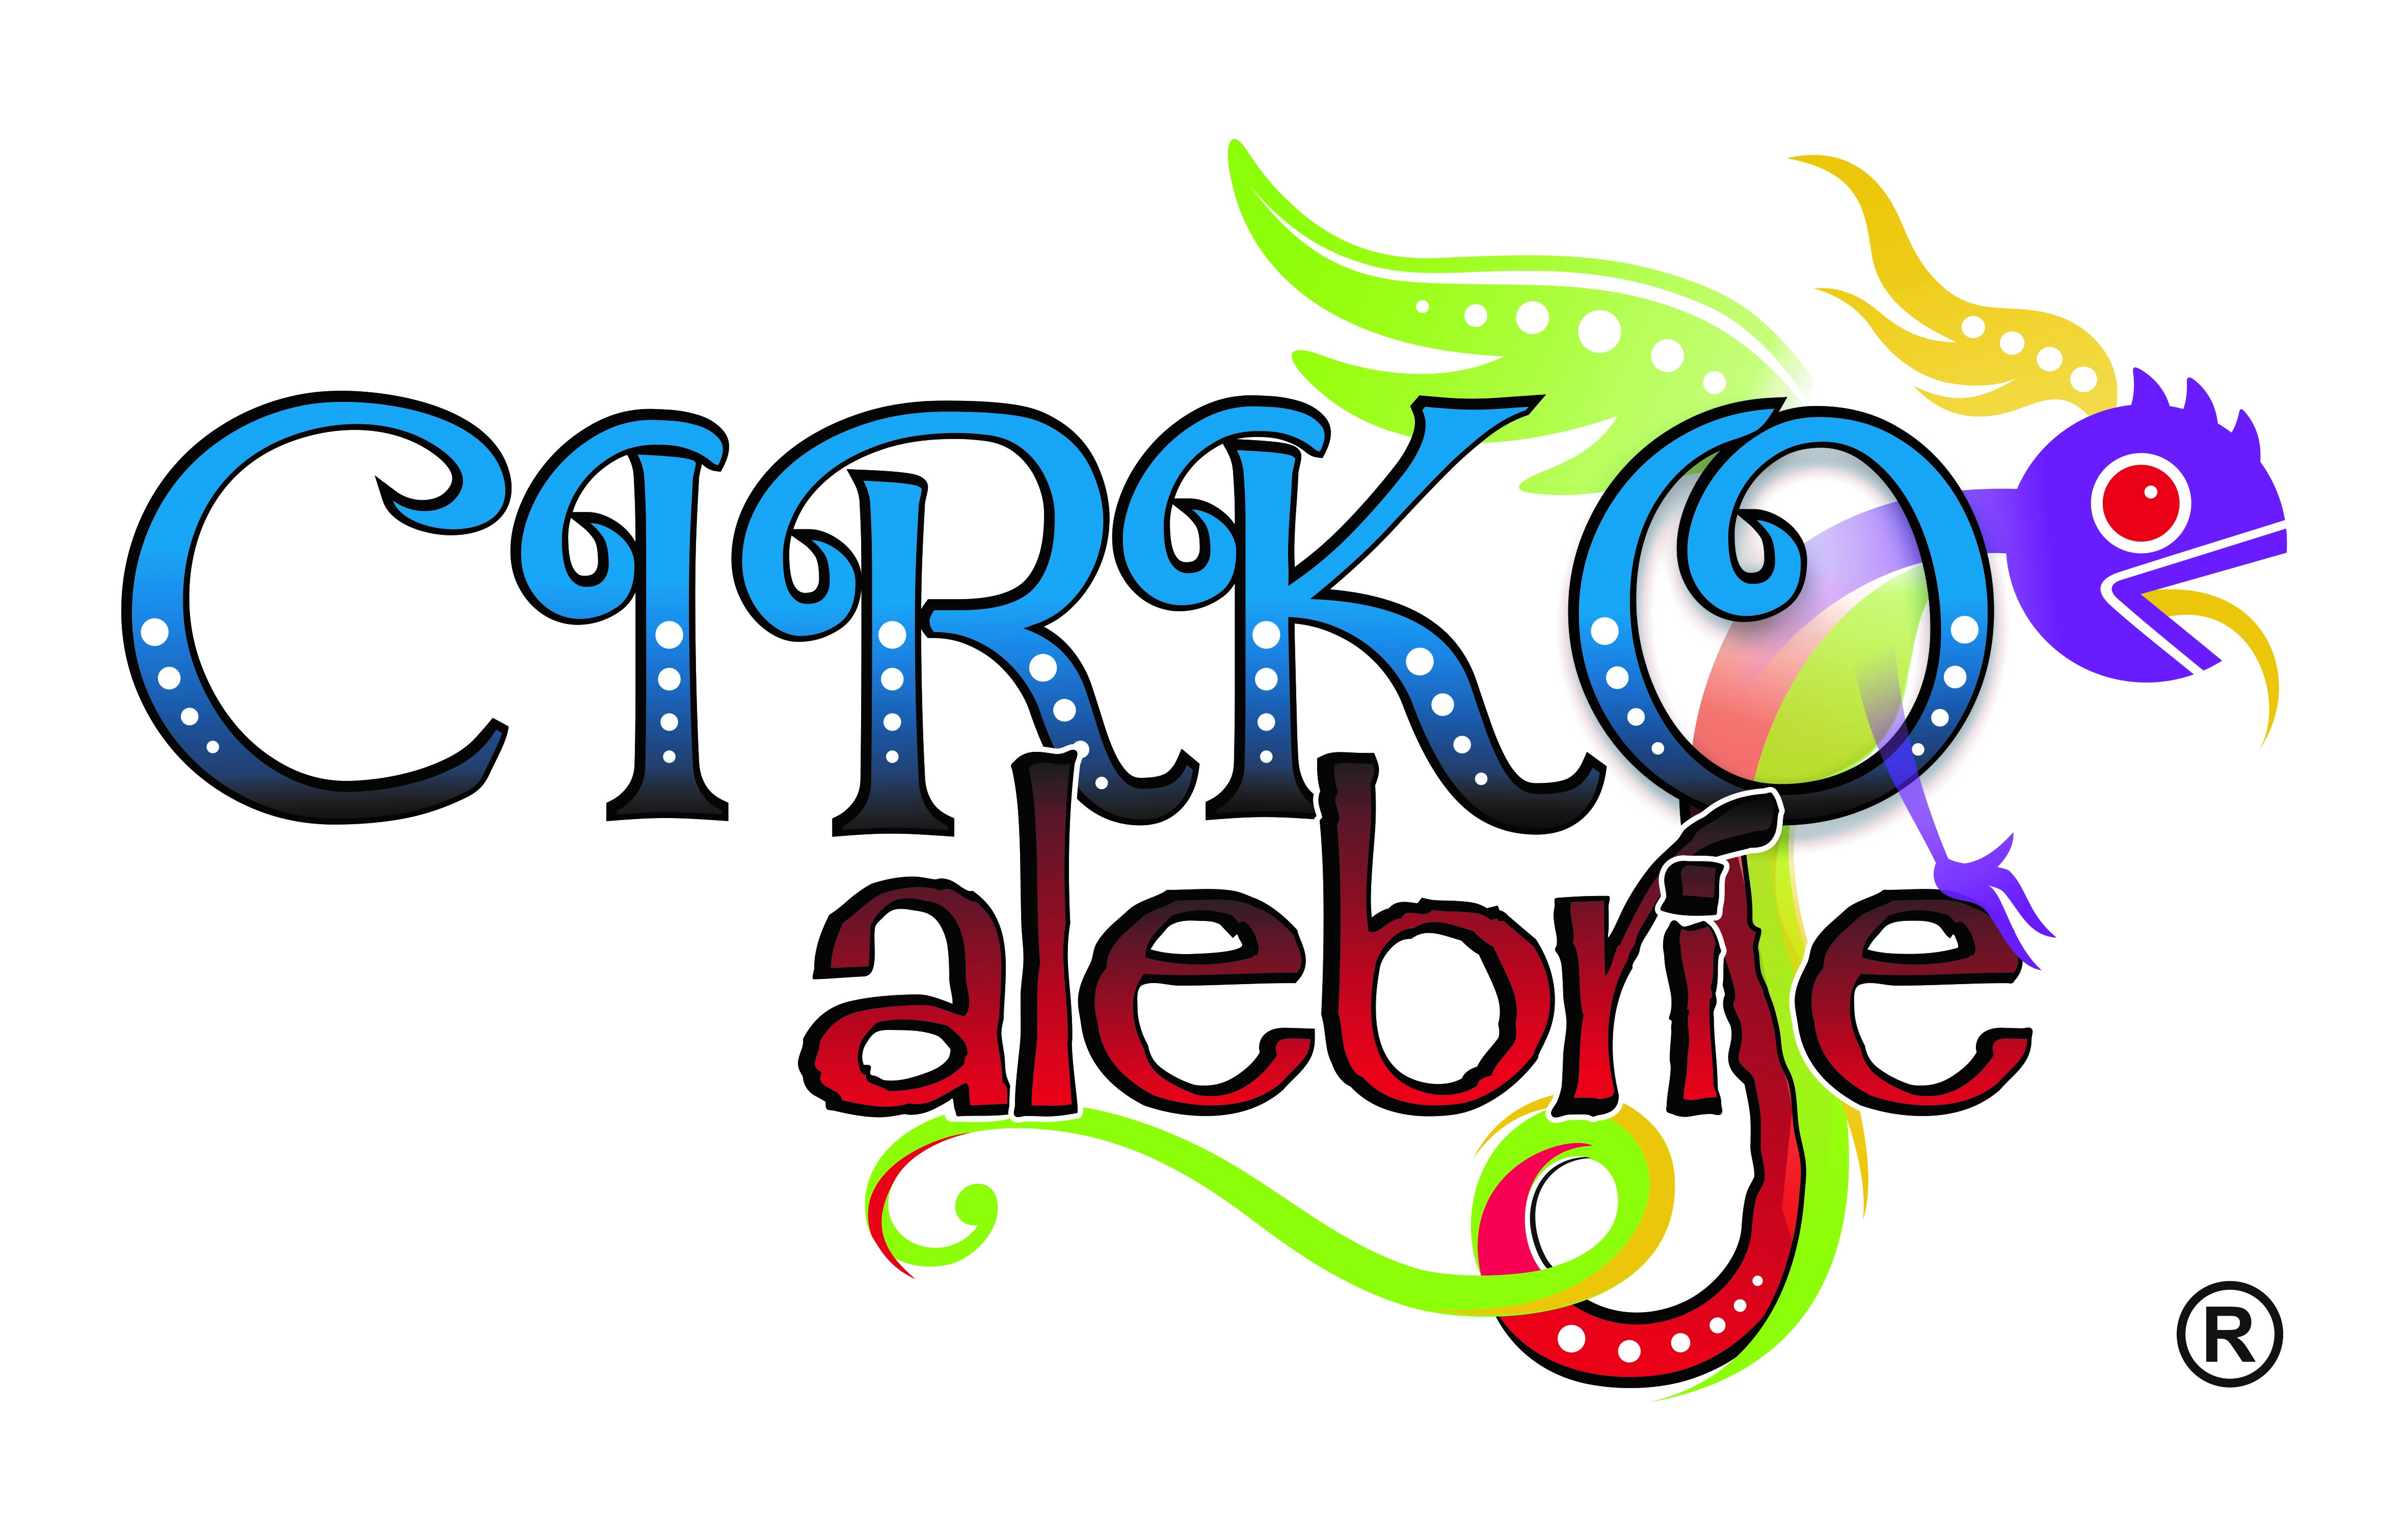 Cirko Alebrije